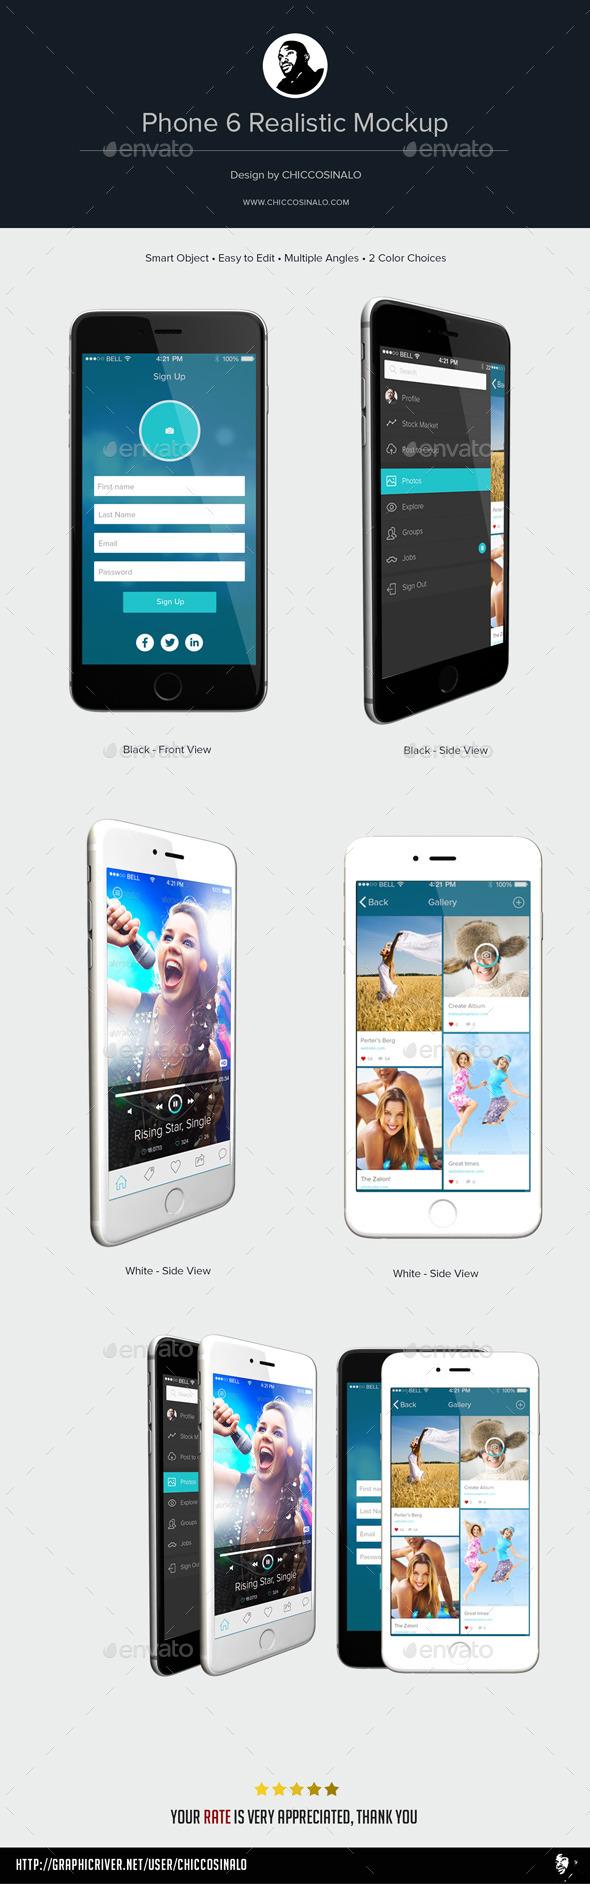 Phone 6 Realistic Mockup - Mobile Displays